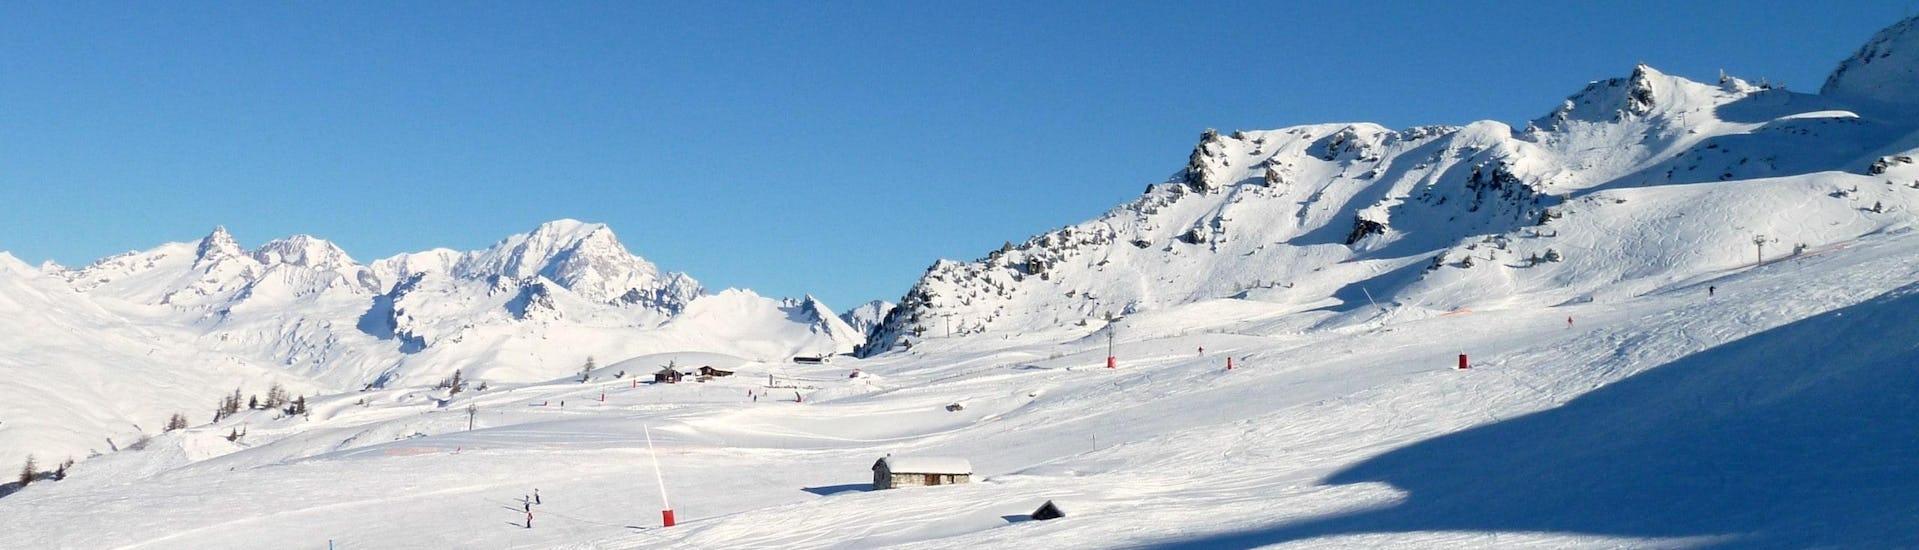 Ausblick auf die sonnige Berglandschaft beim Skifahren lernen mit den Skischulen in Les Arcs.